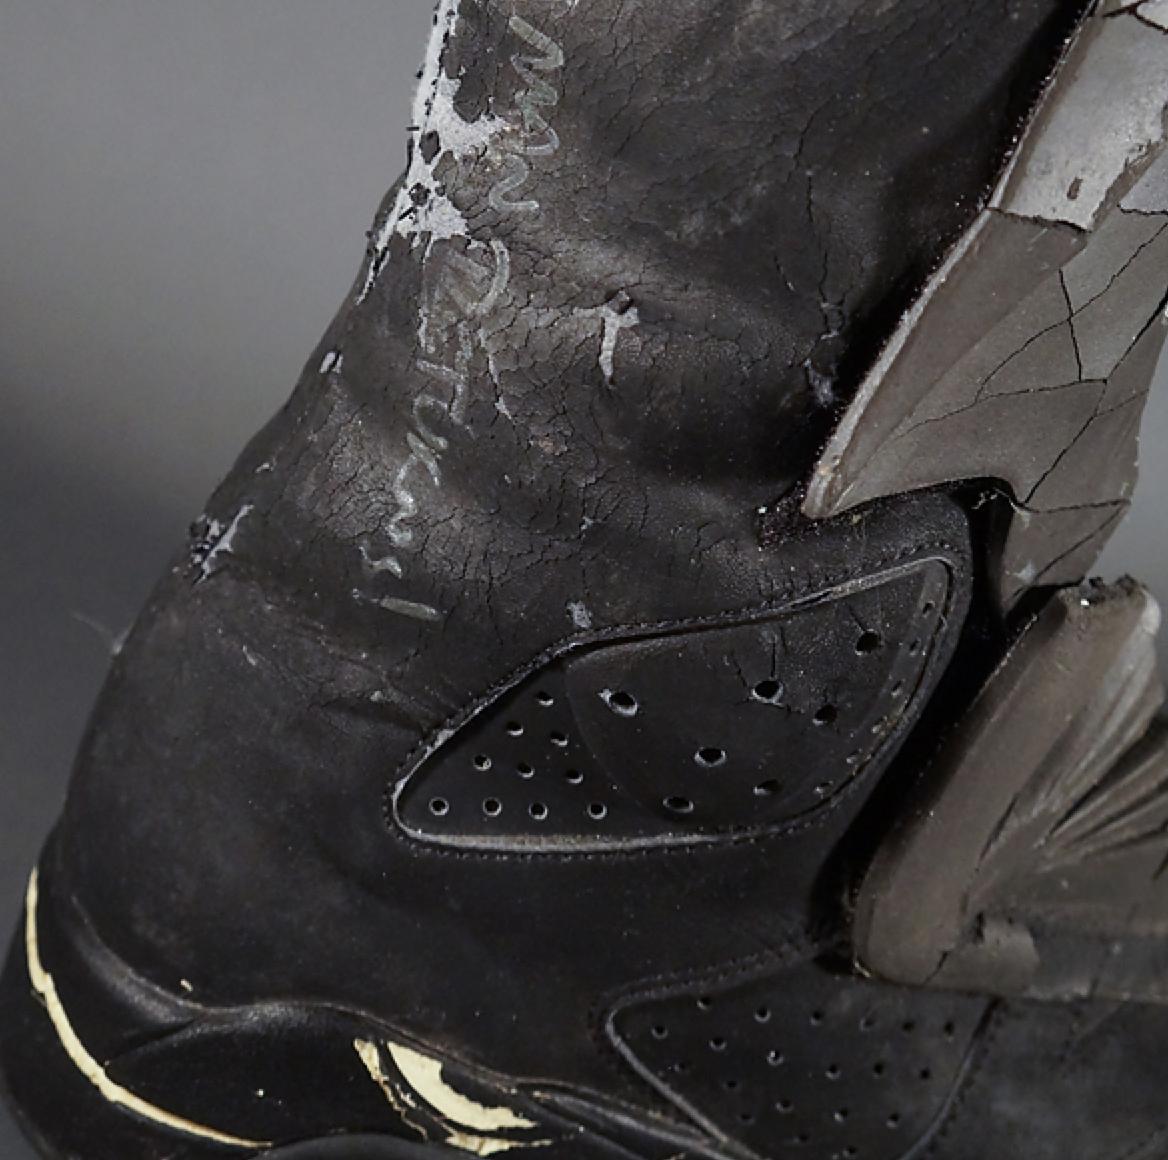 check out 8fb33 cbf22 Sneaker Grails: Batman Wore The Original Air Jordan 6 Black ...